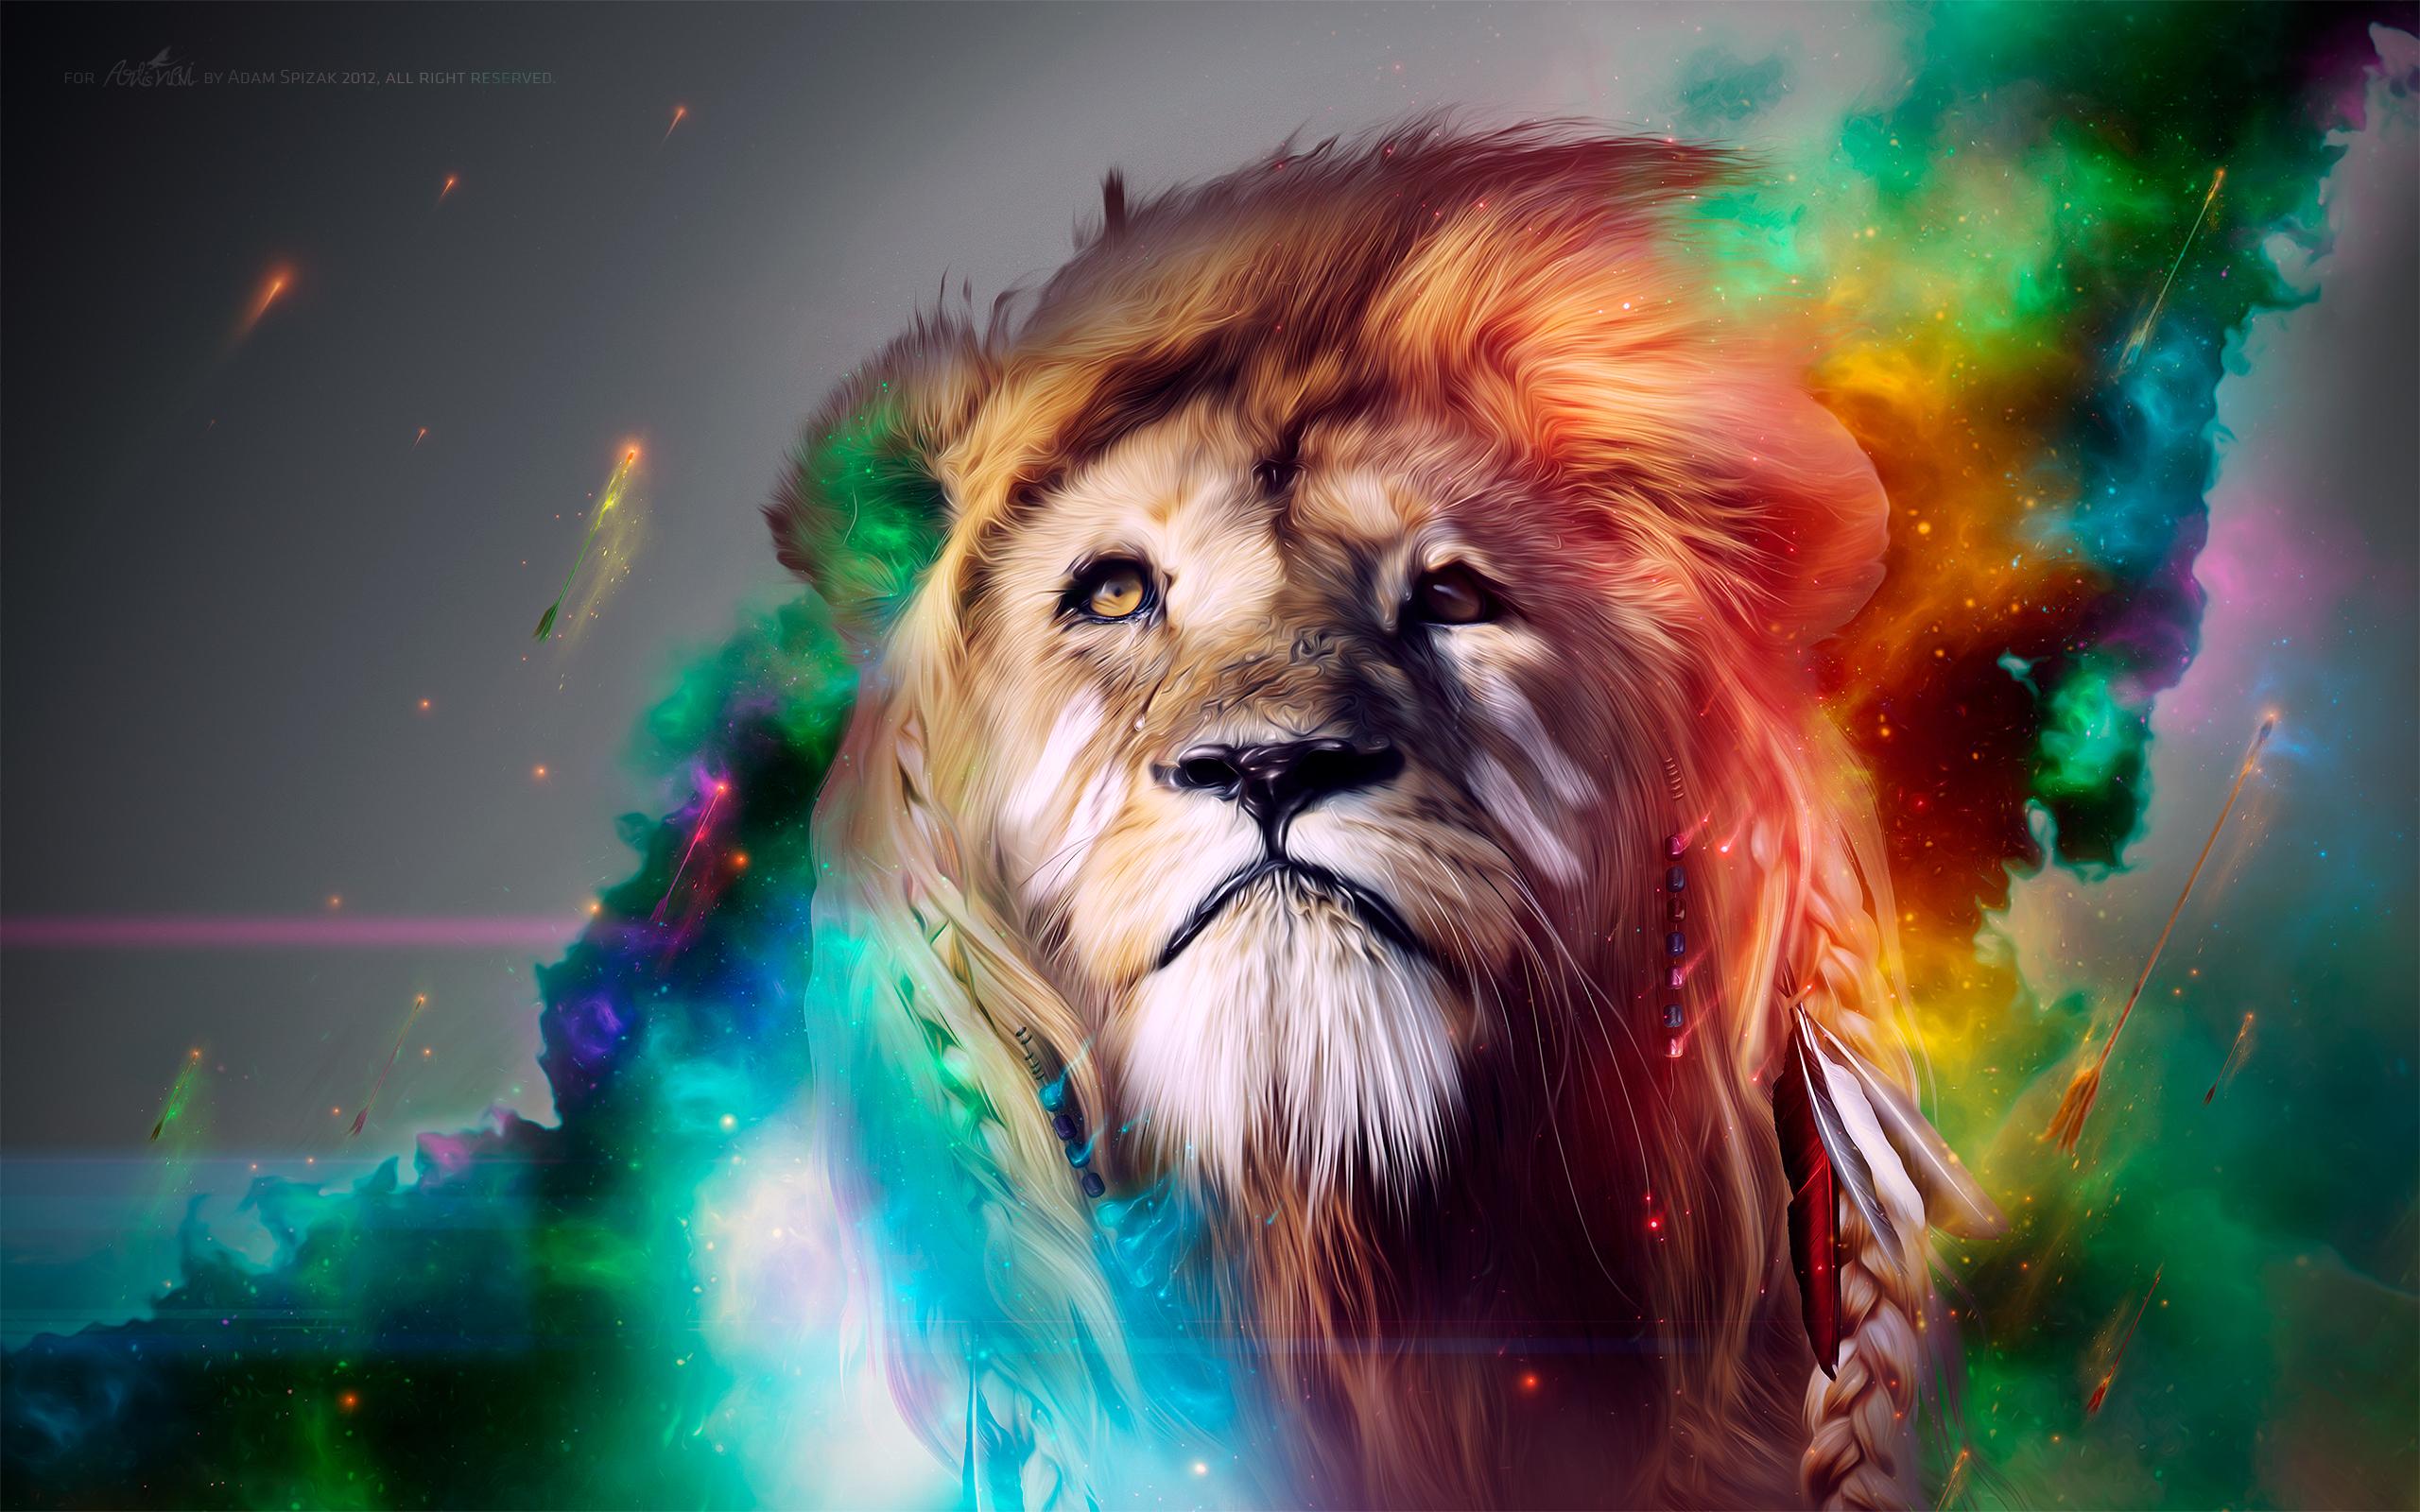 Лев цги художественное произведение. обои скачать